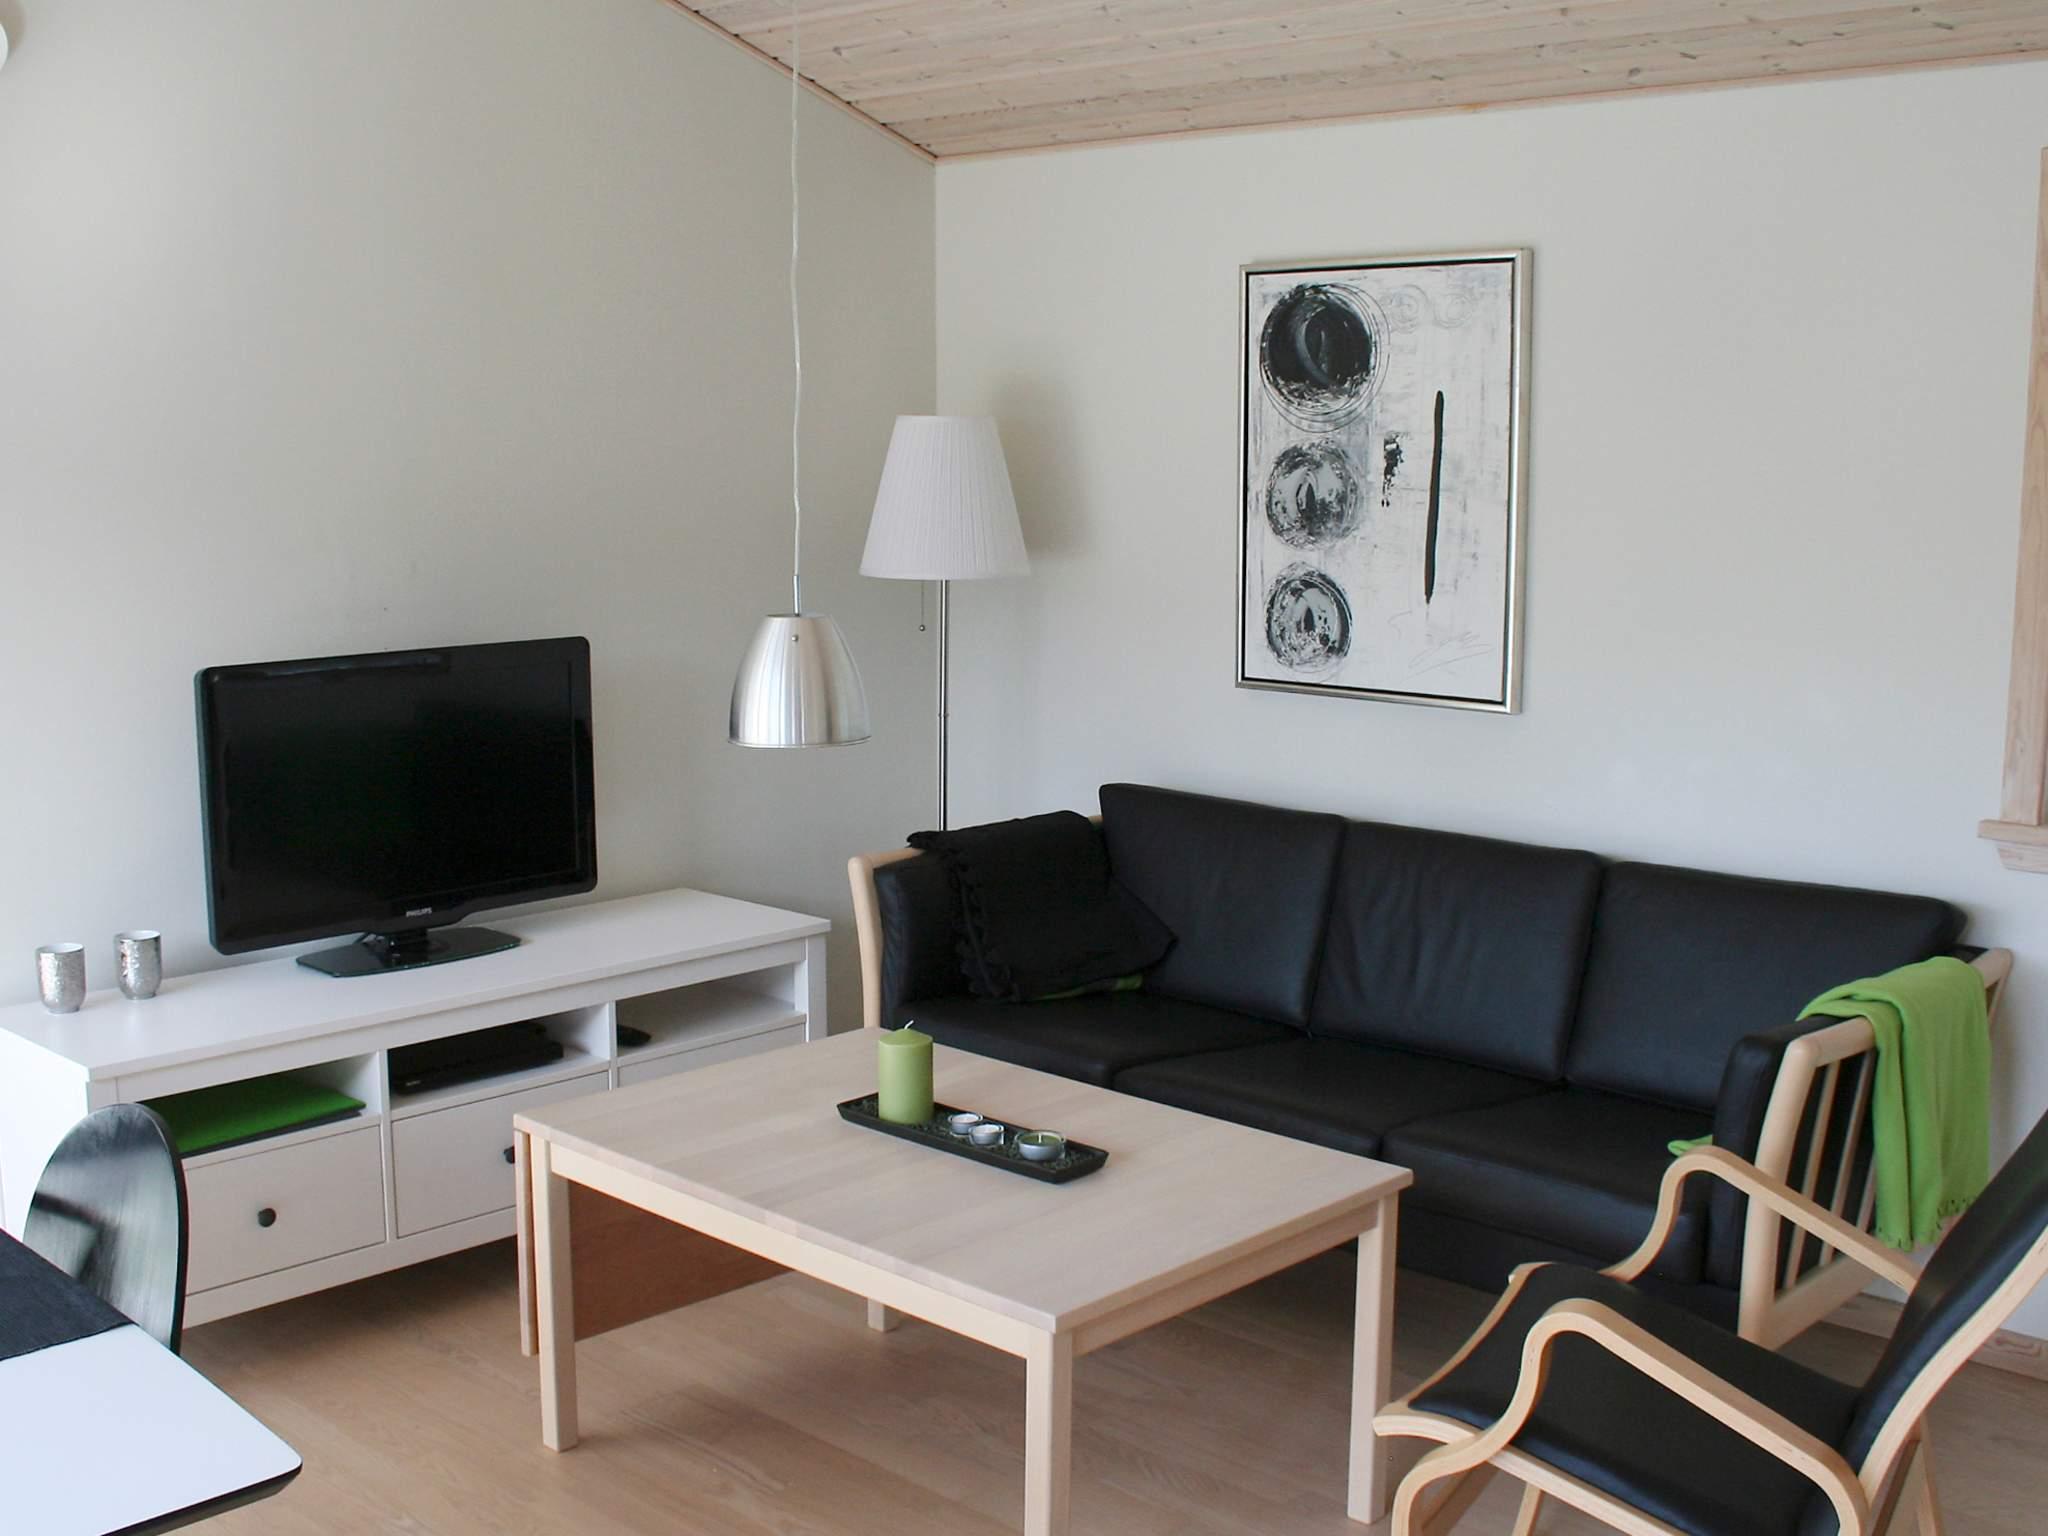 Ferienhaus Rø/Gudhjem (500240), Gudhjem, , Bornholm, Dänemark, Bild 4